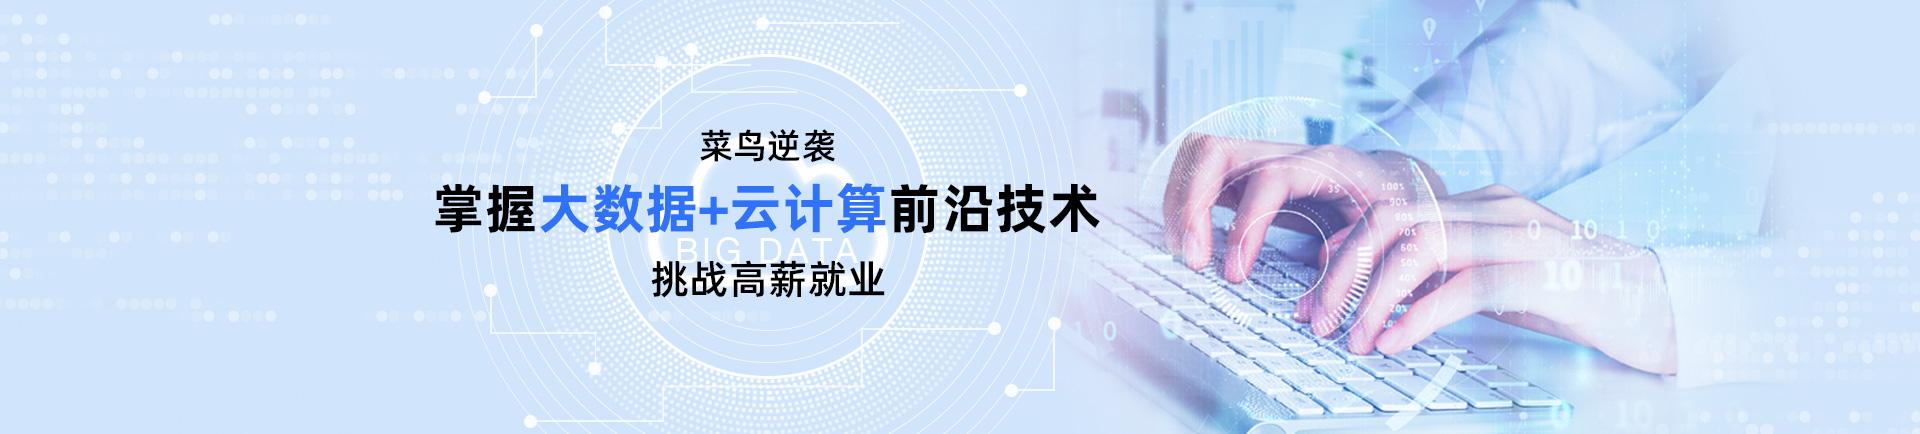 02-0基础学习大数据开发打破职业瓶颈